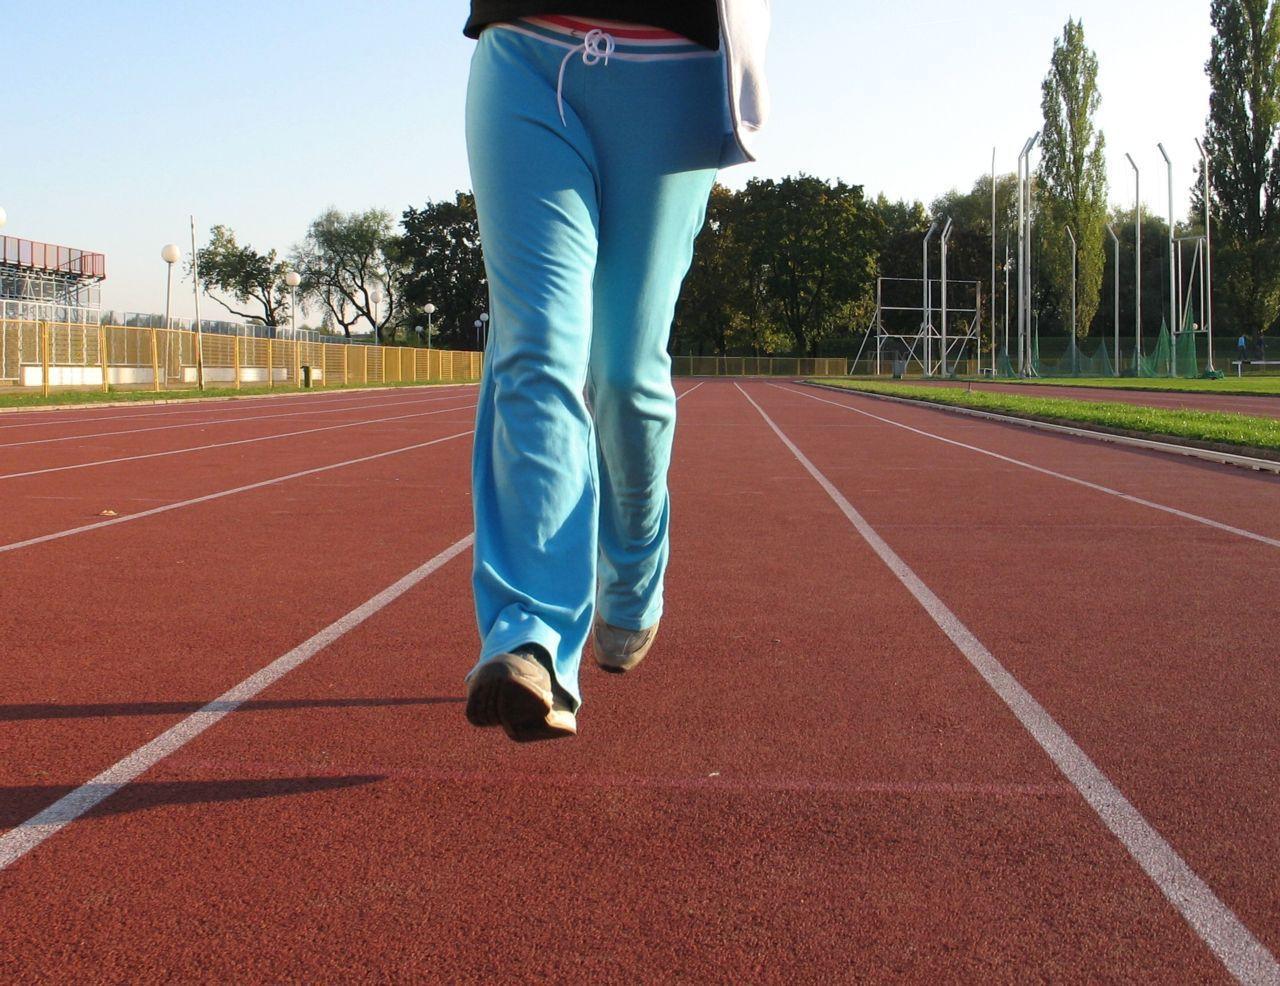 Avoiding Ankle Sprains